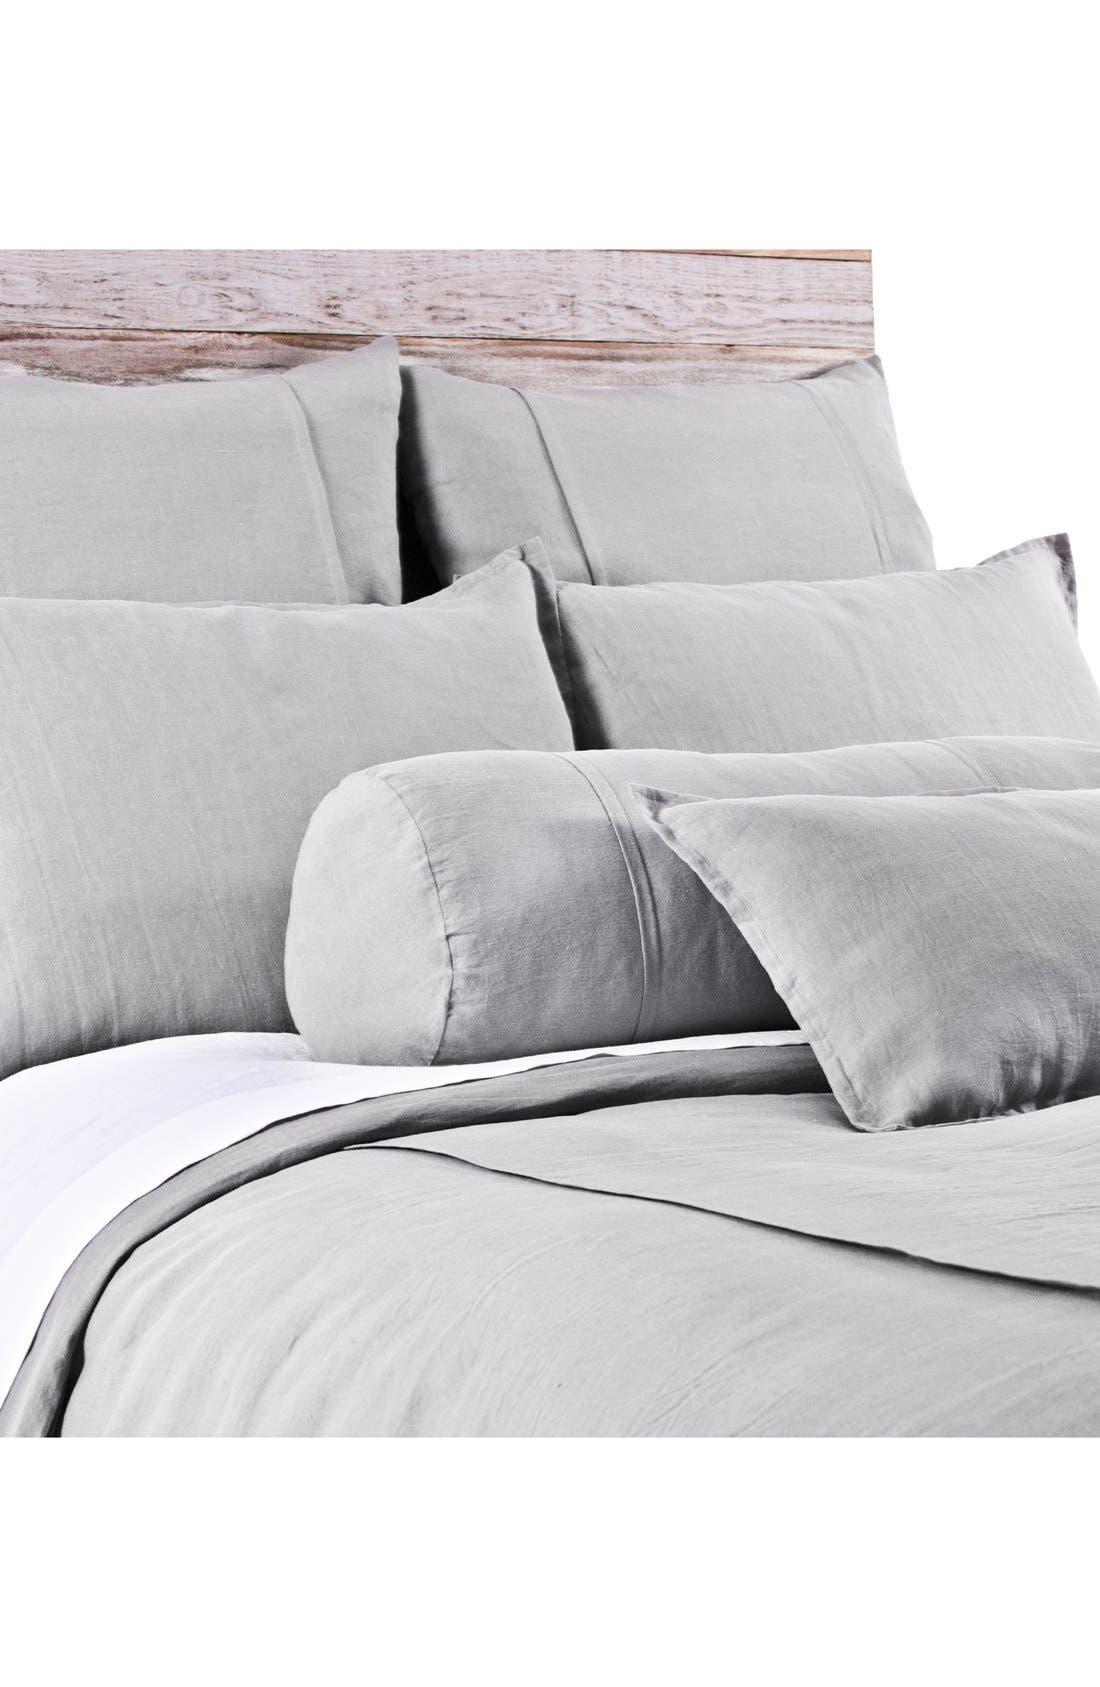 'Louwie' Linen Duvet Cover,                         Main,                         color, SILVER